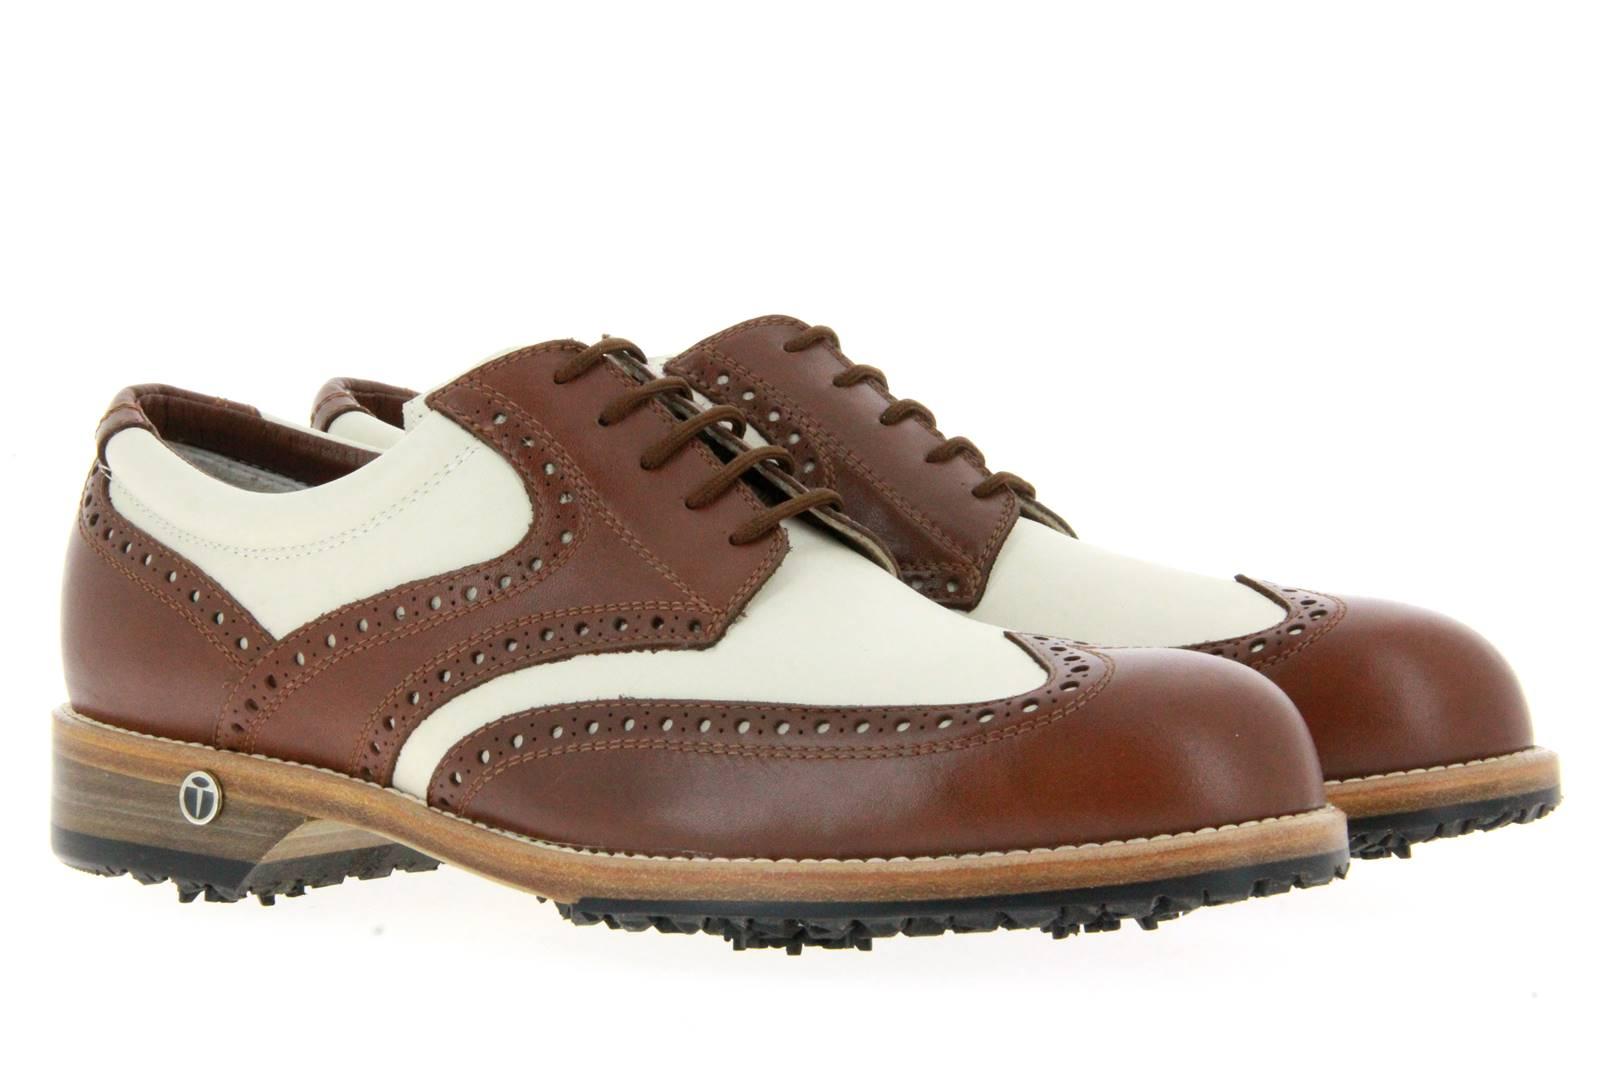 Tee Golf Shoes Herren- Golfschuh TOMMY BRANDY BEIGE (46½)